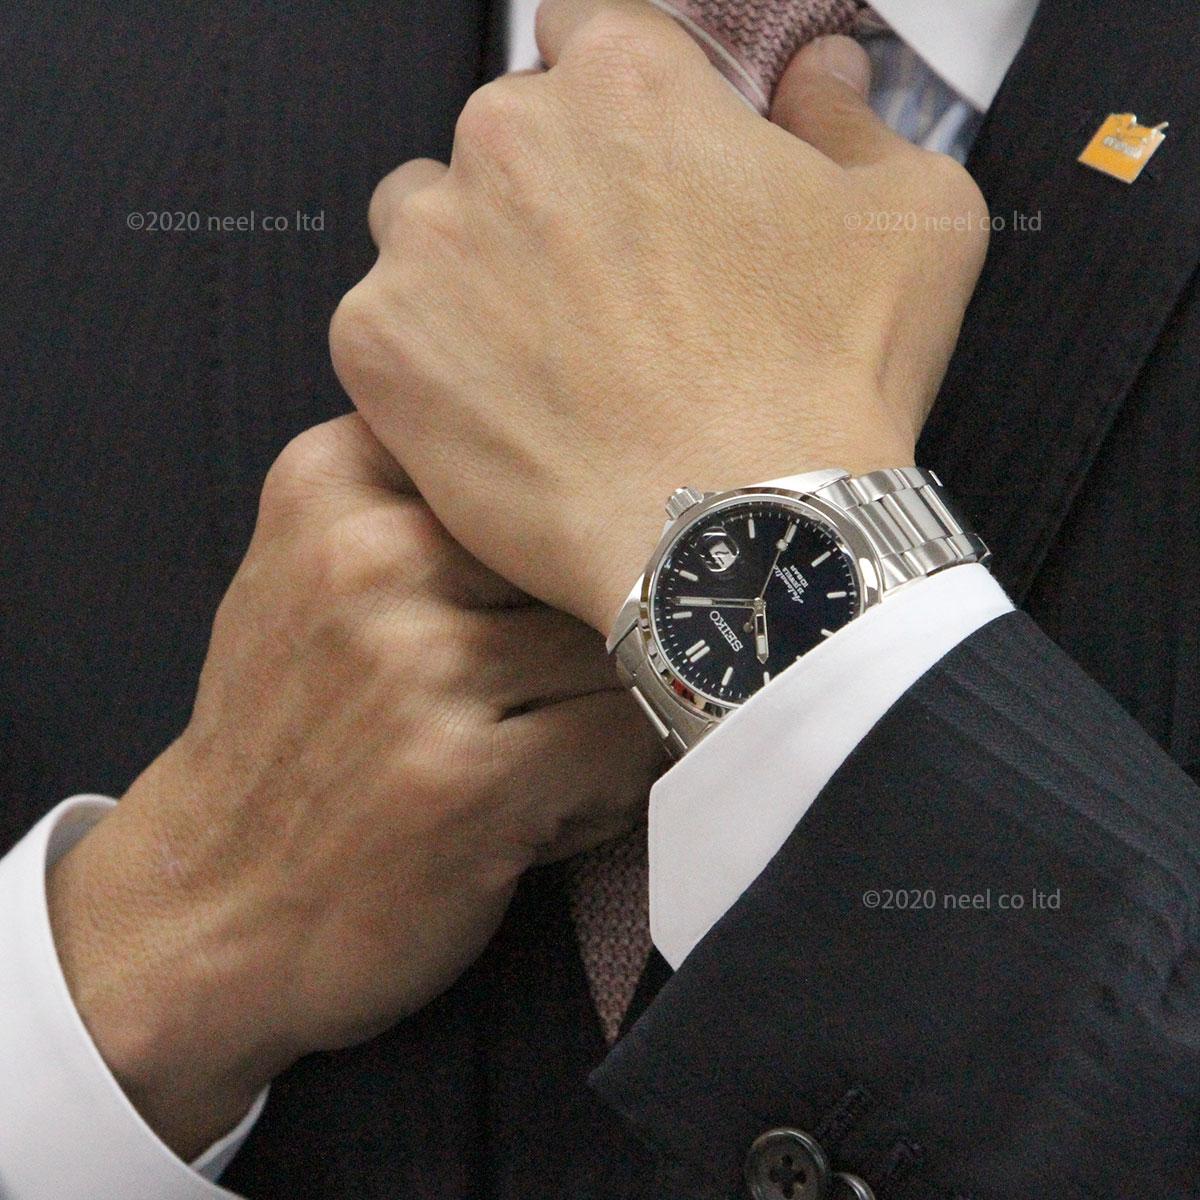 セイコー メカニカル 自動巻き 先行販売 ネット流通限定モデル 腕時計 メンズ クラシックライン SEIKO Mechanical SZSB016